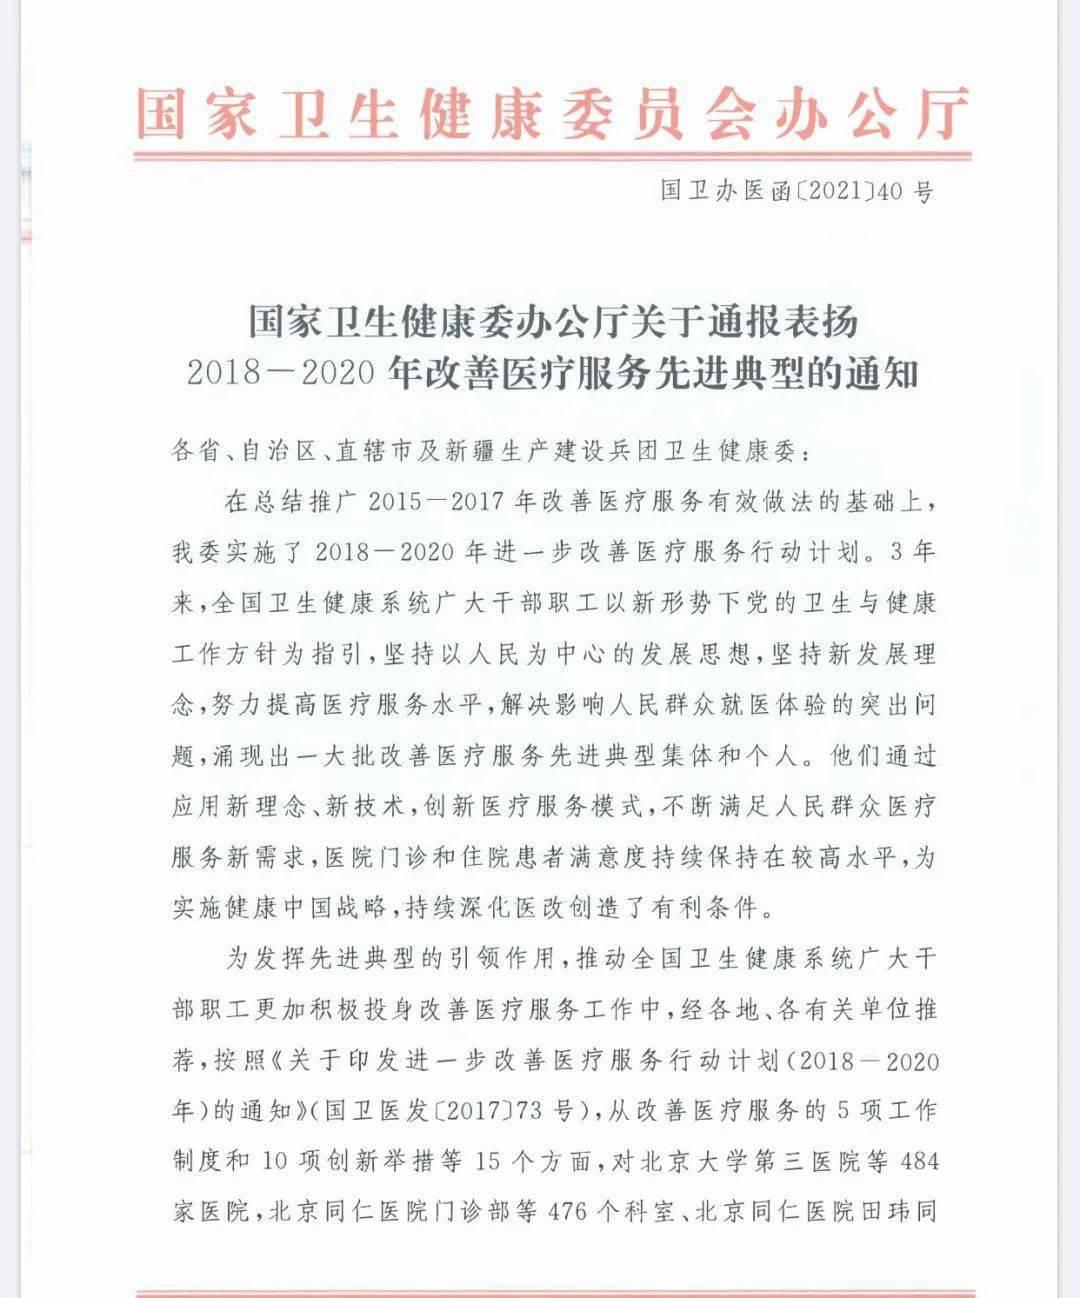 【新闻】全国报道盛赞~天津医科大学总医院完善医疗服务五大体系和措施,荣获先进典型